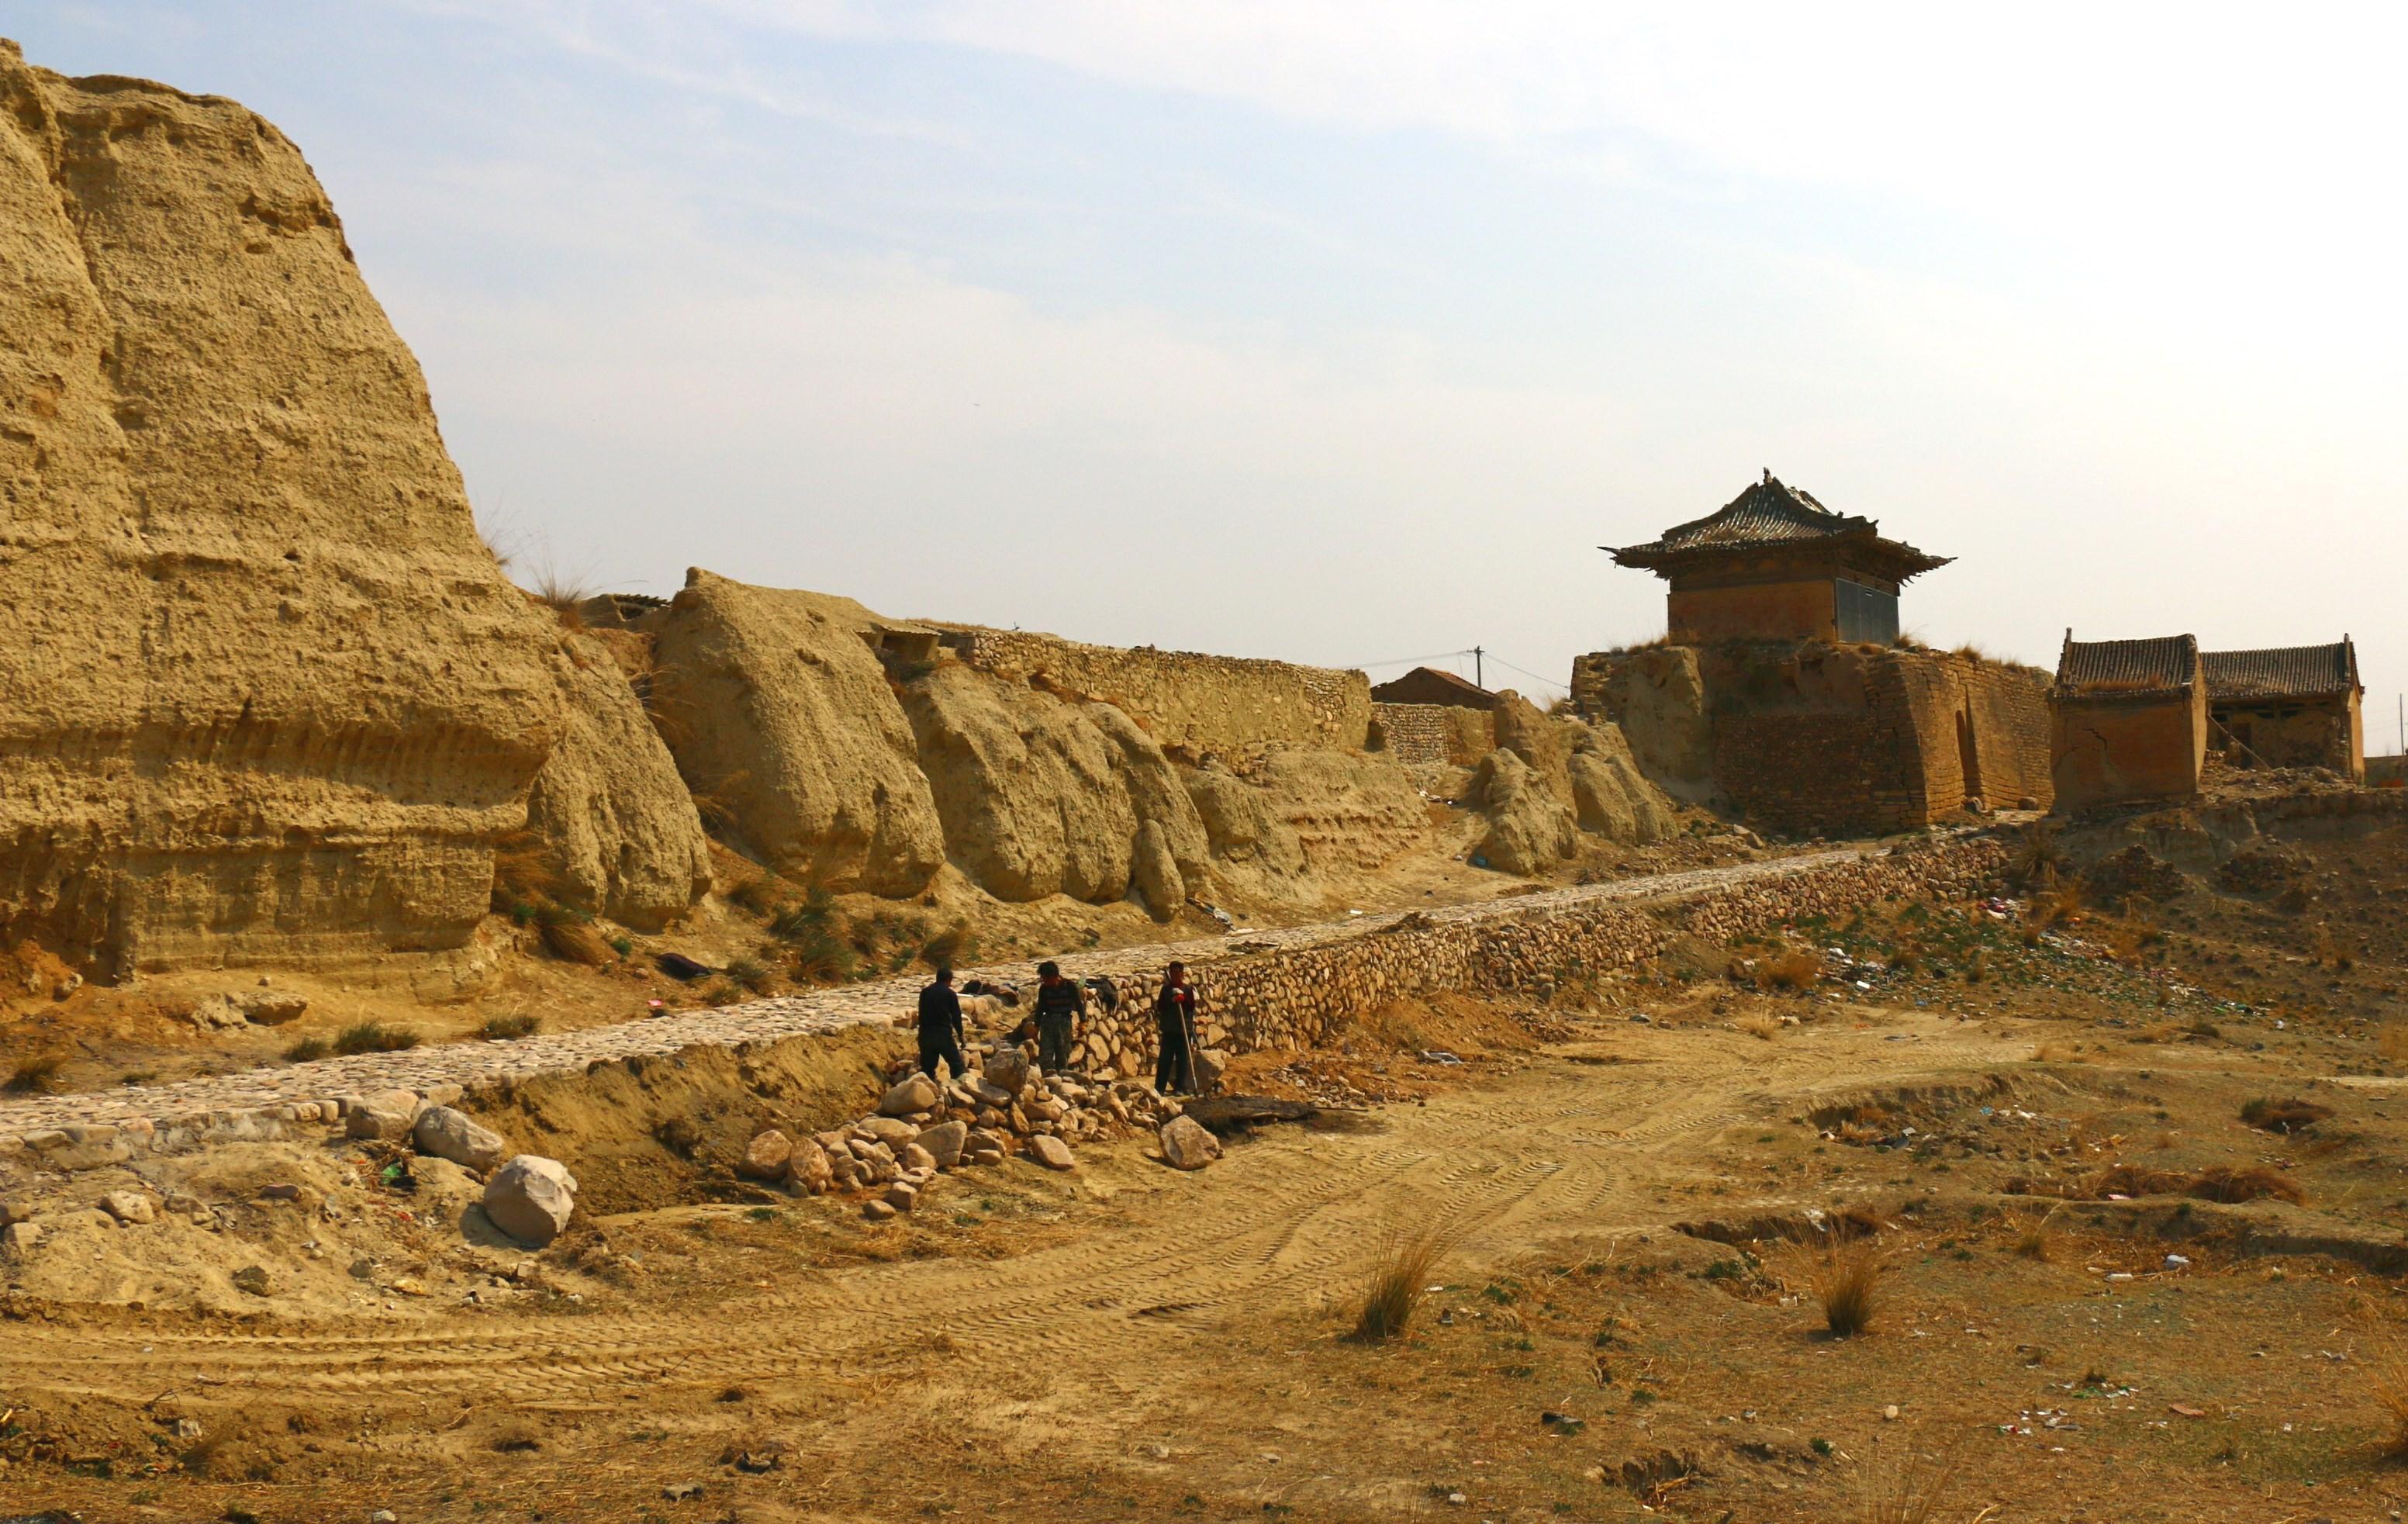 但我们不太喜欢景区熙熙攘攘的感觉,转去蔚县古城参观,顺便吃饭住宿.